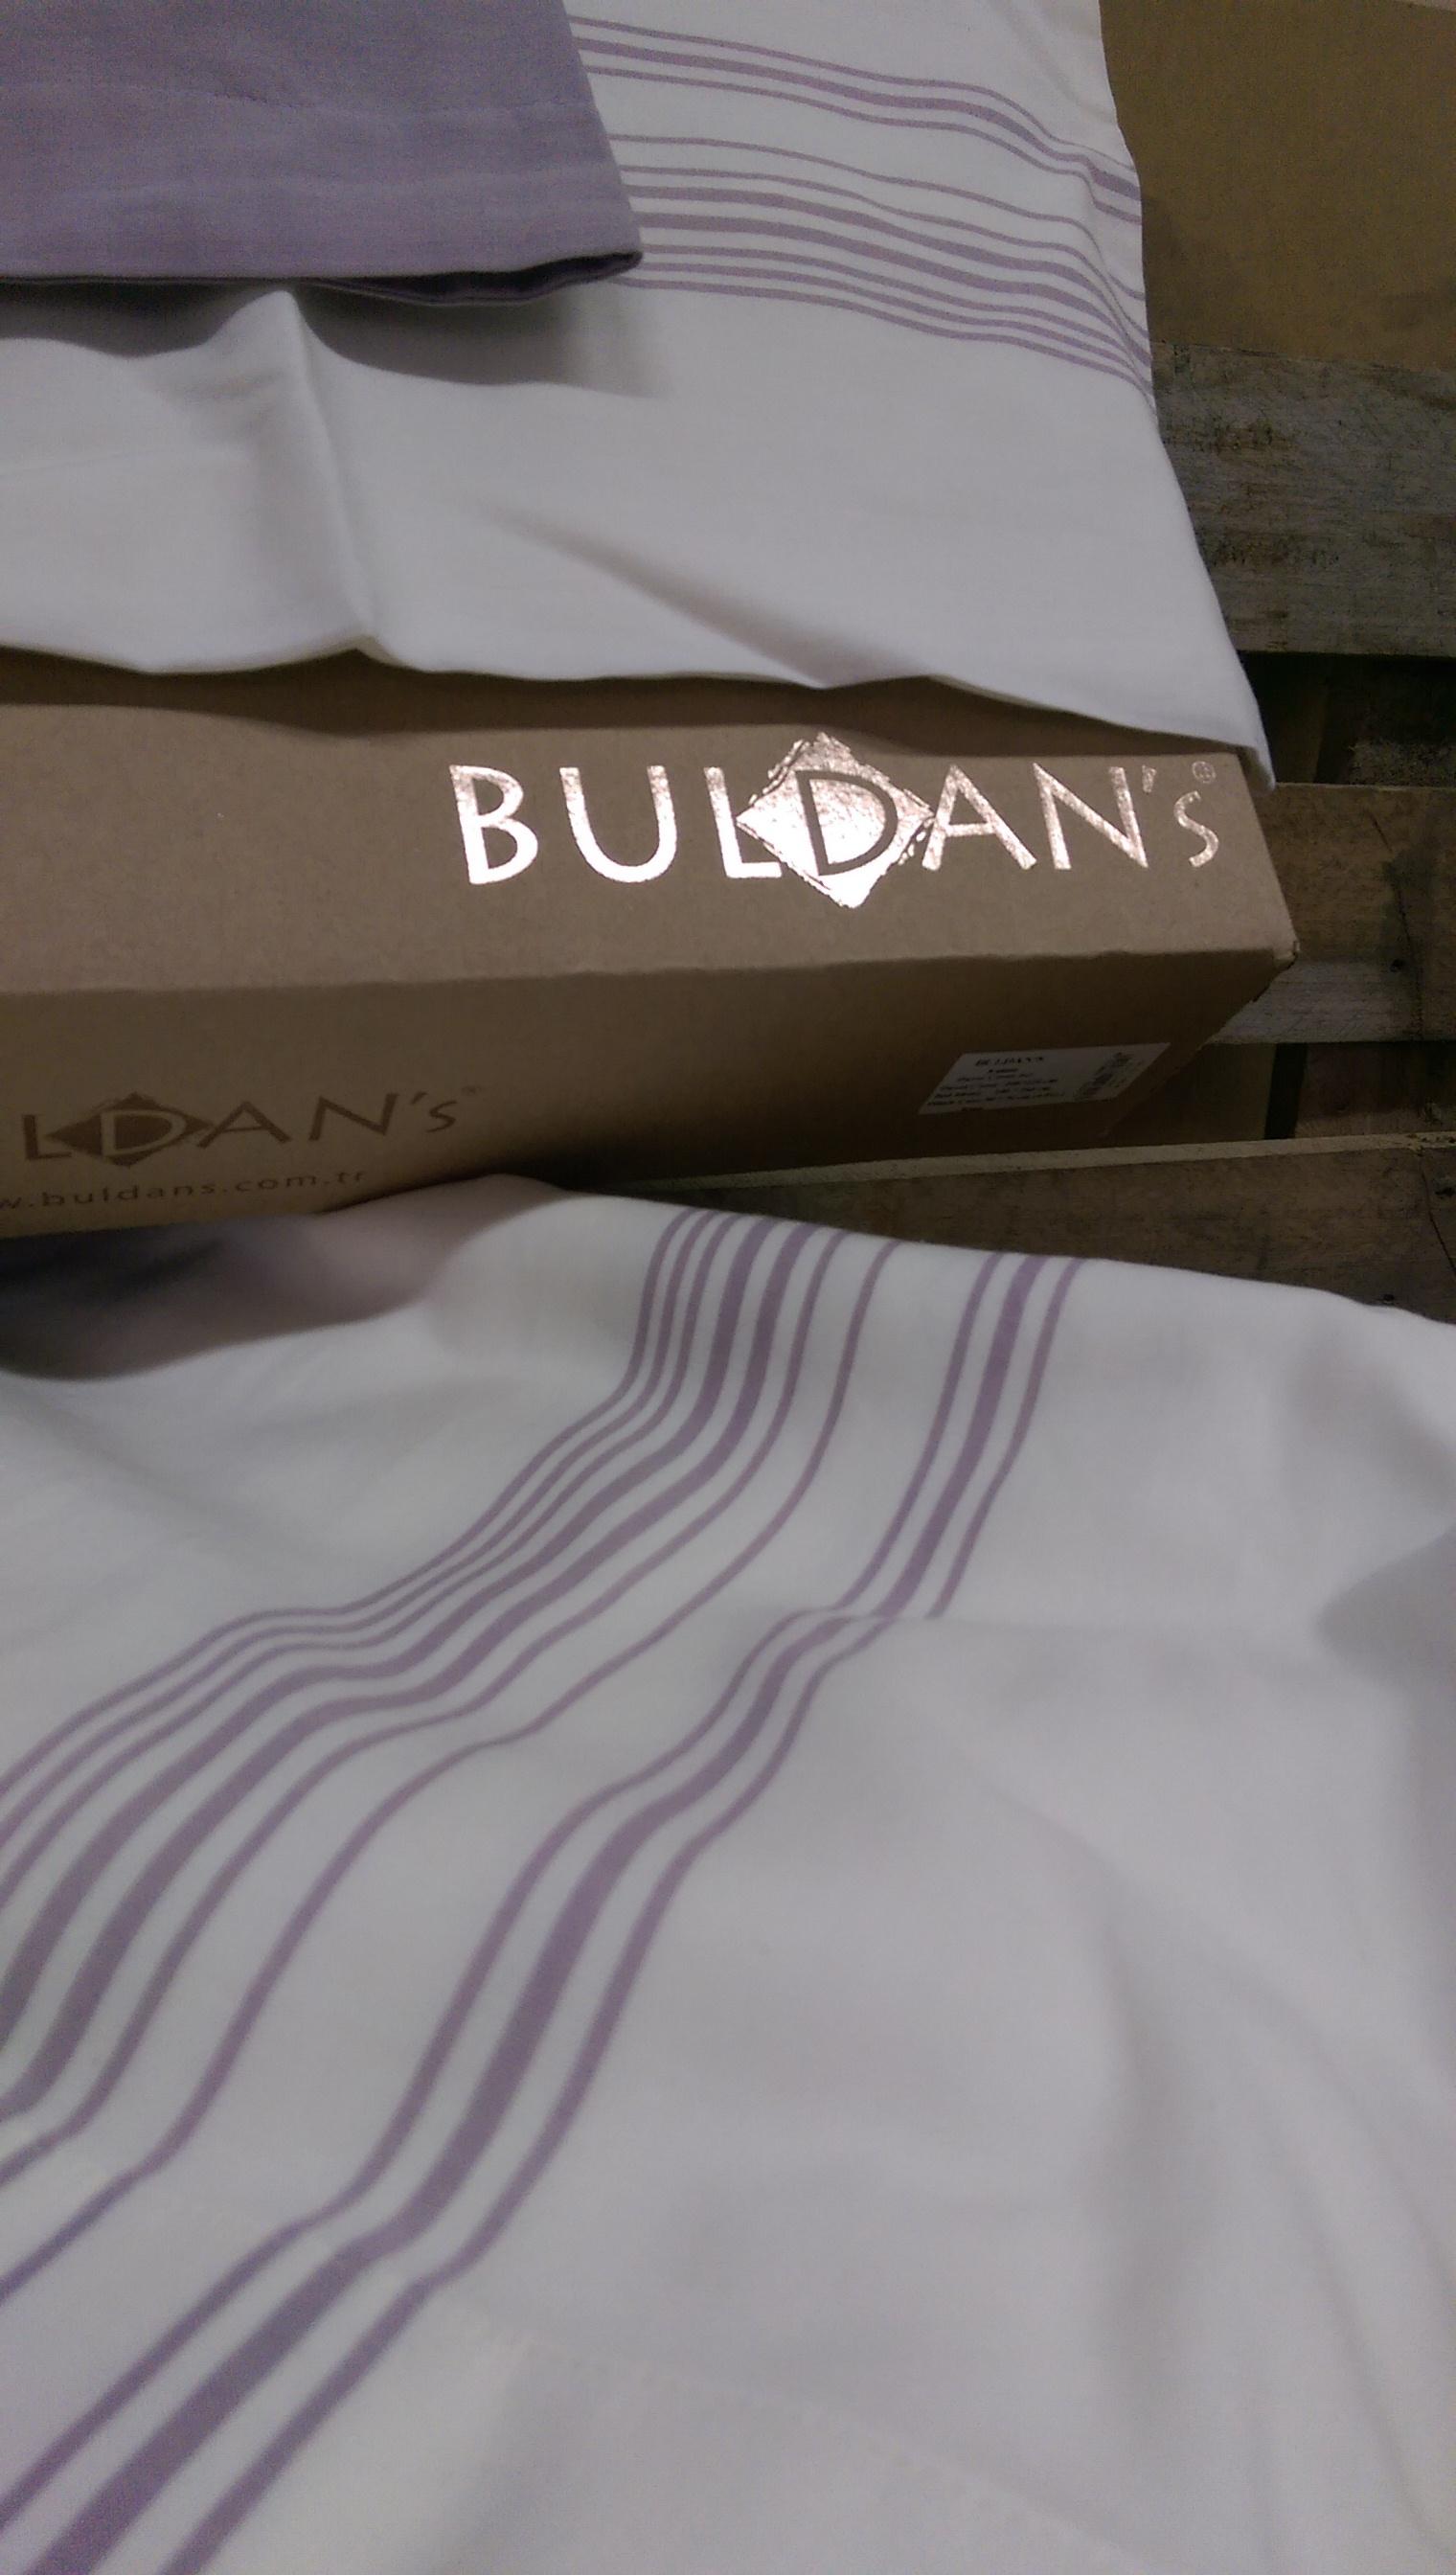 Купить Esinti темно розовый Buldans постельное белье изображение 4